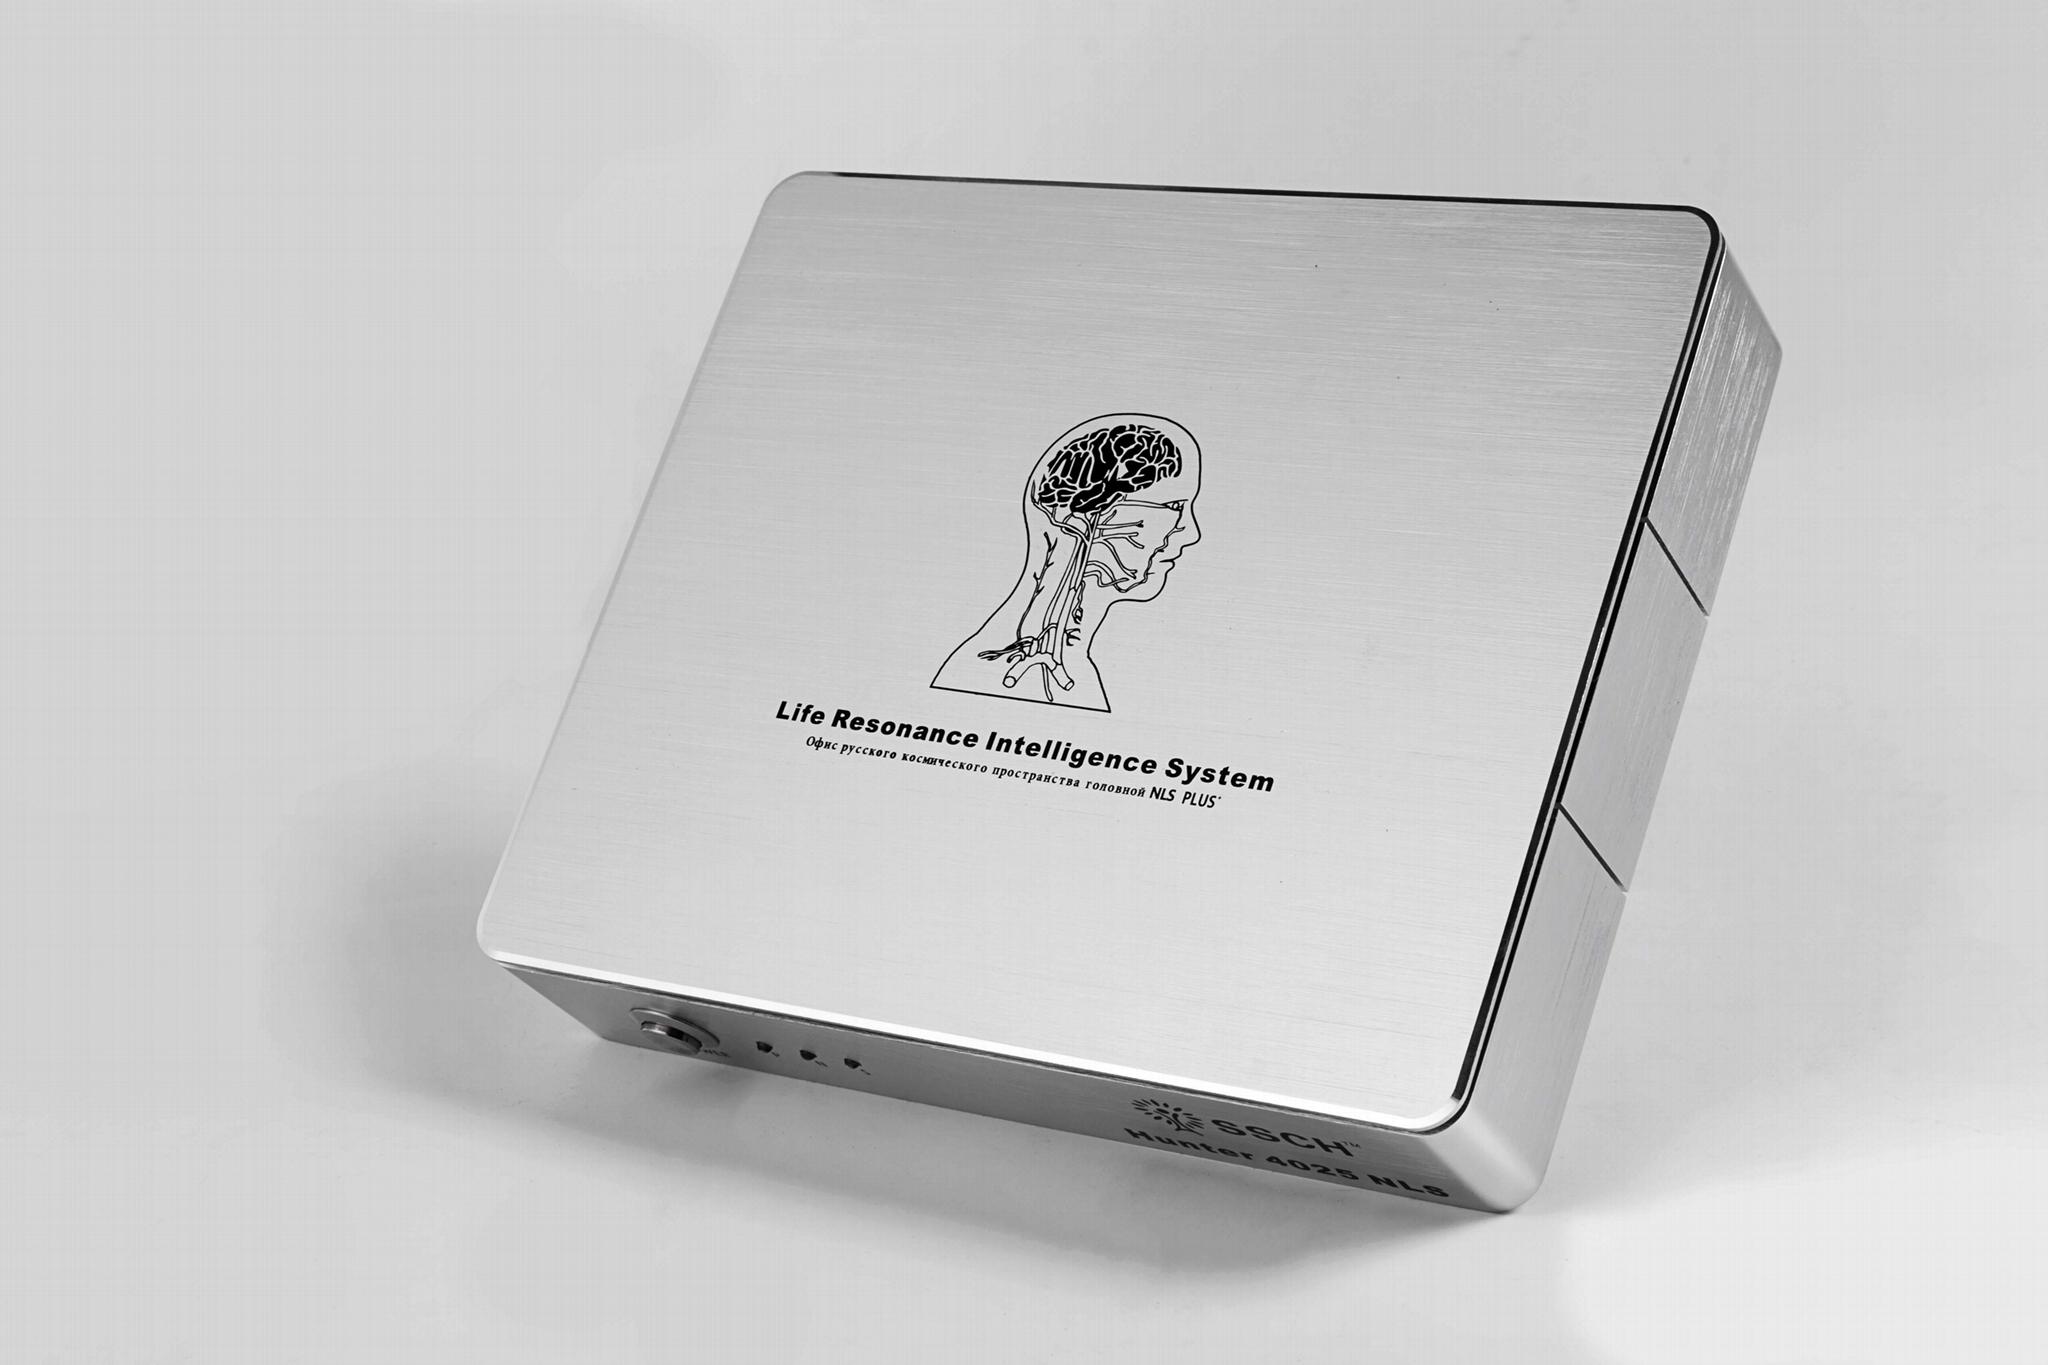 塔特隆獵人NLS系統卓瑪4025*生物共振健康掃描和治療 10